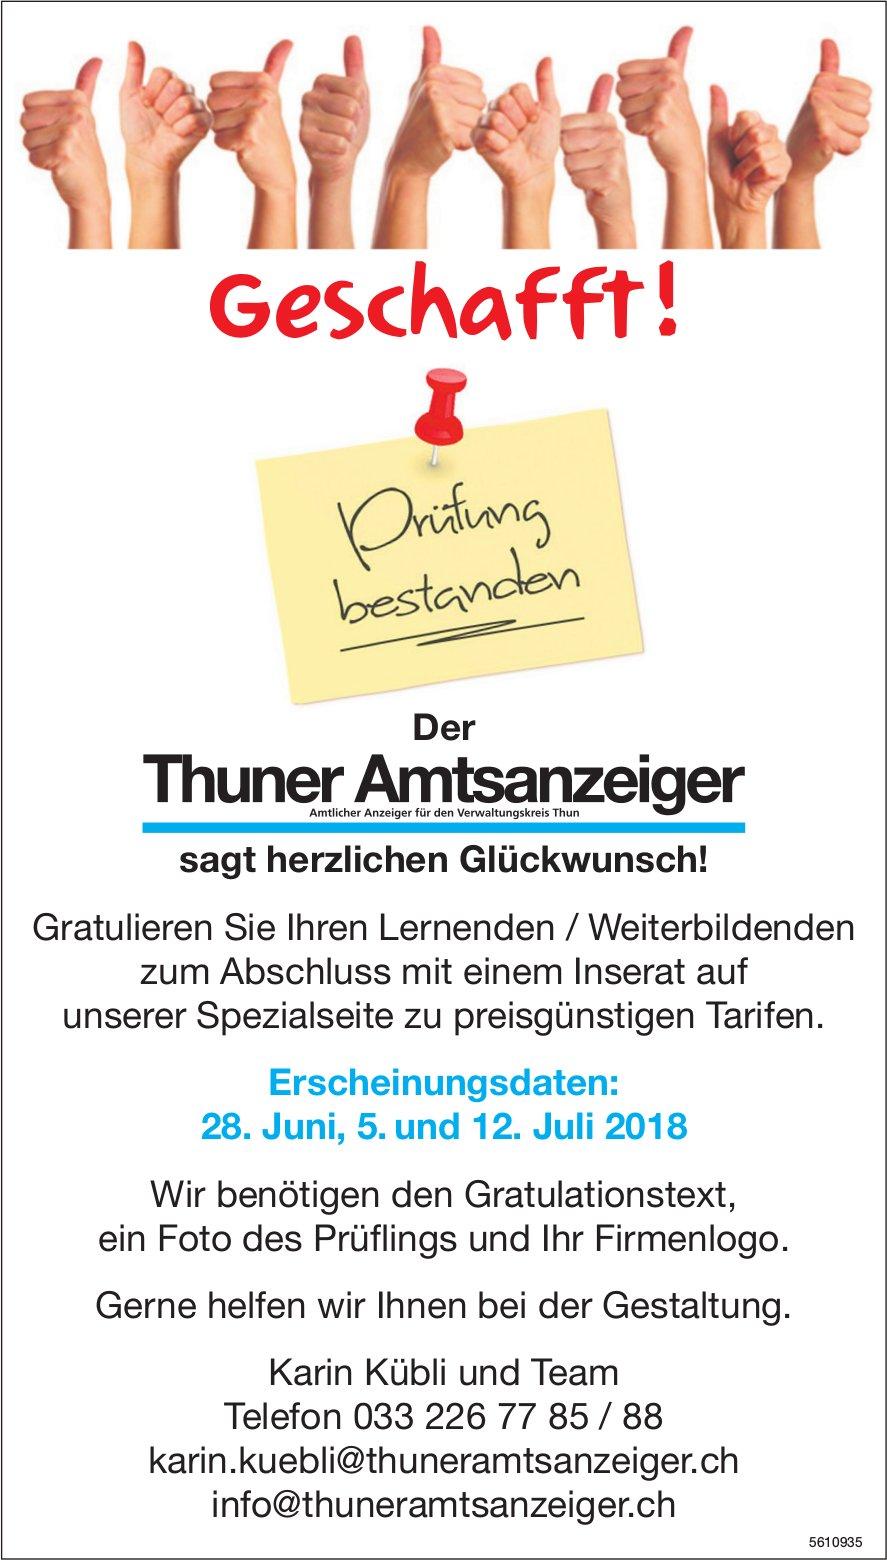 Der Thuner Amtsanzeiger sagt herzlichen Glückwunsch! Erscheinungsdaten: 28. Juni, 5. und 12. Juli